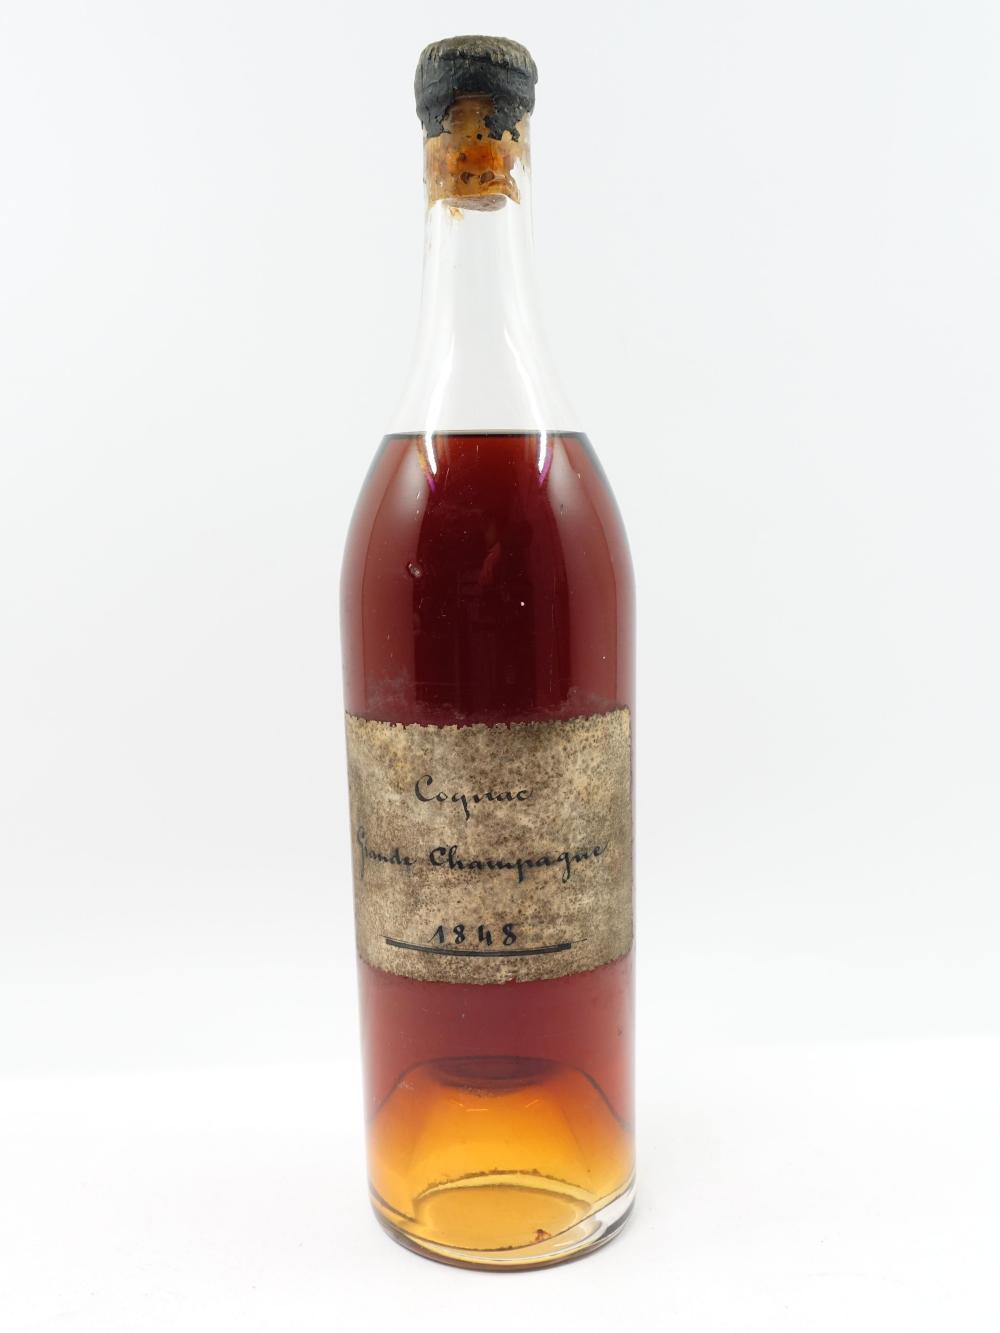 1 bouteille COGNAC GRANDE CHAMPAGNE 1848 (6 cm, étiquette abimée. Capsule cire abimée)